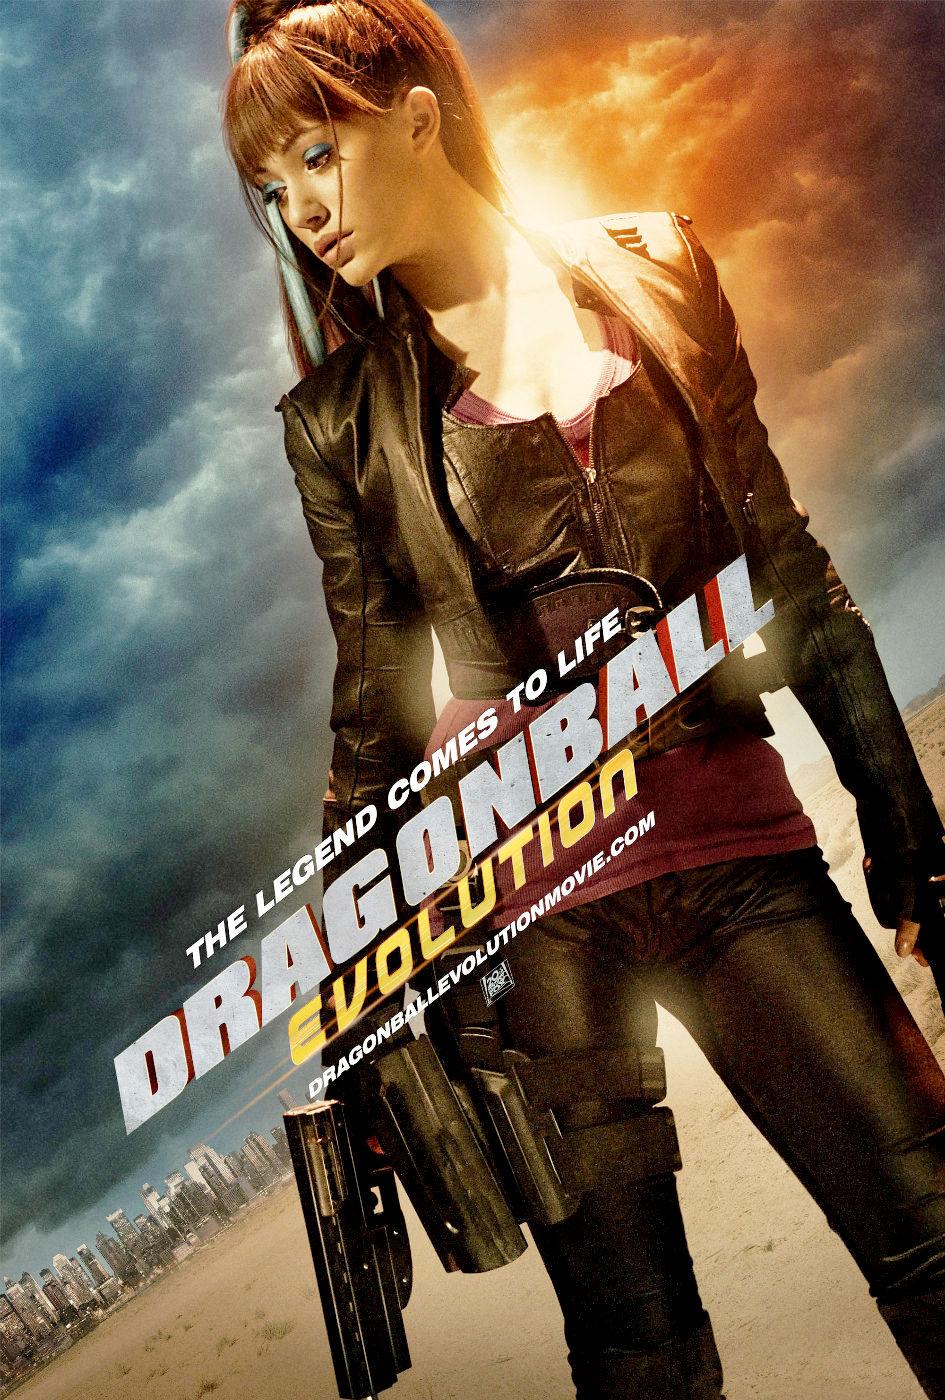 dragonball_evolution_poster_2009_01.jpg